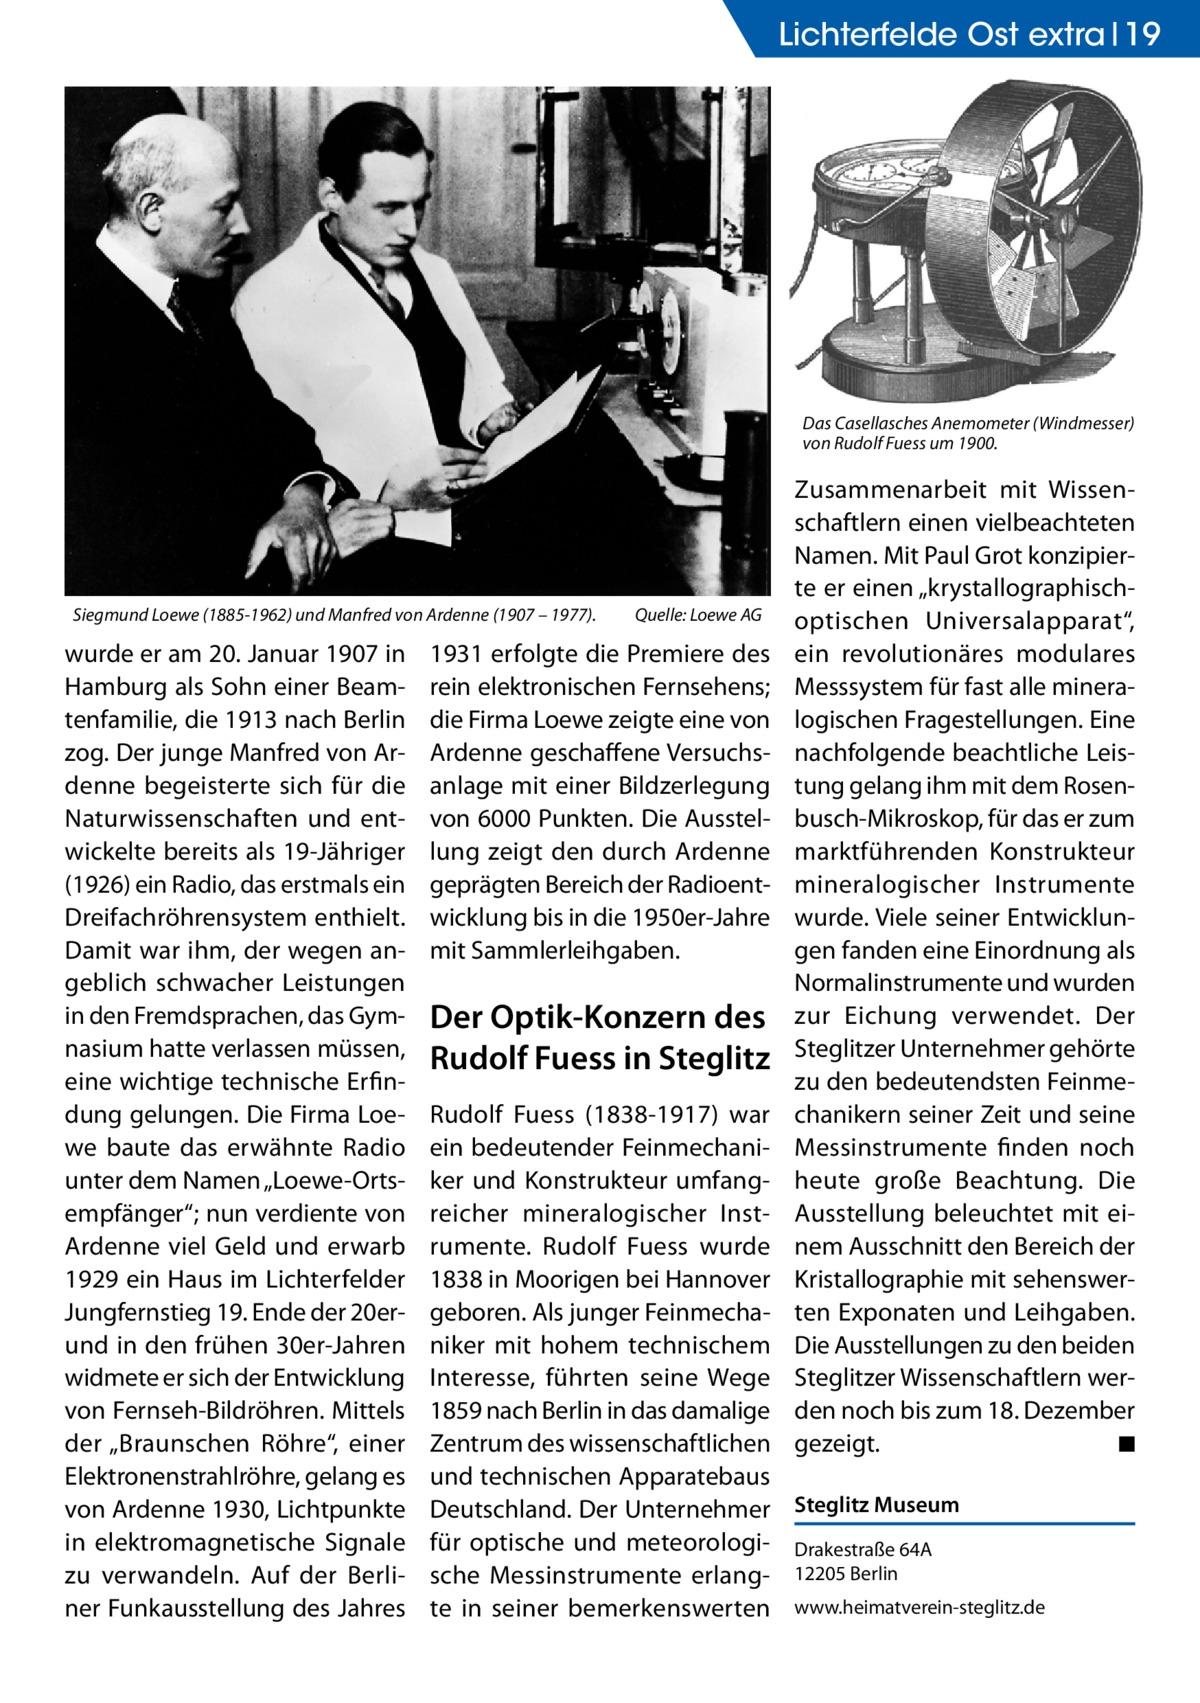 """Lichterfelde Ost extra 19  Das Casellasches Anemometer (Windmesser) von Rudolf Fuess um 1900.  Siegmund Loewe (1885-1962) und Manfred von Ardenne (1907 – 1977).�  wurde er am 20.Januar 1907 in Hamburg als Sohn einer Beamtenfamilie, die 1913 nach Berlin zog. Der junge Manfred von Ardenne begeisterte sich für die Naturwissenschaften und entwickelte bereits als 19-Jähriger (1926) ein Radio, das erstmals ein Dreifachröhrensystem enthielt. Damit war ihm, der wegen angeblich schwacher Leistungen in den Fremdsprachen, das Gymnasium hatte verlassen müssen, eine wichtige technische Erfindung gelungen. Die Firma Loewe baute das erwähnte Radio unter dem Namen """"Loewe-Ortsempfänger""""; nun verdiente von Ardenne viel Geld und erwarb 1929 ein Haus im Lichterfelder Jungfernstieg 19. Ende der 20erund in den frühen 30er-Jahren widmete er sich der Entwicklung von Fernseh-Bildröhren. Mittels der """"Braunschen Röhre"""", einer Elektronenstrahlröhre, gelang es von Ardenne 1930, Lichtpunkte in elektromagnetische Signale zu verwandeln. Auf der Berliner Funkausstellung des Jahres  Quelle: Loewe AG  1931 erfolgte die Premiere des rein elektronischen Fernsehens; die Firma Loewe zeigte eine von Ardenne geschaffene Versuchsanlage mit einer Bildzerlegung von 6000 Punkten. Die Ausstellung zeigt den durch Ardenne geprägten Bereich der Radioentwicklung bis in die 1950er-Jahre mit Sammlerleihgaben.  Der Optik-Konzern des Rudolf Fuess in Steglitz  Zusammenarbeit mit Wissenschaftlern einen vielbeachteten Namen. Mit Paul Grot konzipierte er einen """"krystallographischoptischen Universalapparat"""", ein revolutionäres modulares Messsystem für fast alle mineralogischen Fragestellungen. Eine nachfolgende beachtliche Leistung gelang ihm mit dem Rosenbusch-Mikroskop, für das er zum marktführenden Konstrukteur mineralogischer Instrumente wurde. Viele seiner Entwicklungen fanden eine Einordnung als Normalinstrumente und wurden zur Eichung verwendet. Der Steglitzer Unternehmer gehörte zu den bedeutendsten Feinmechanikern """